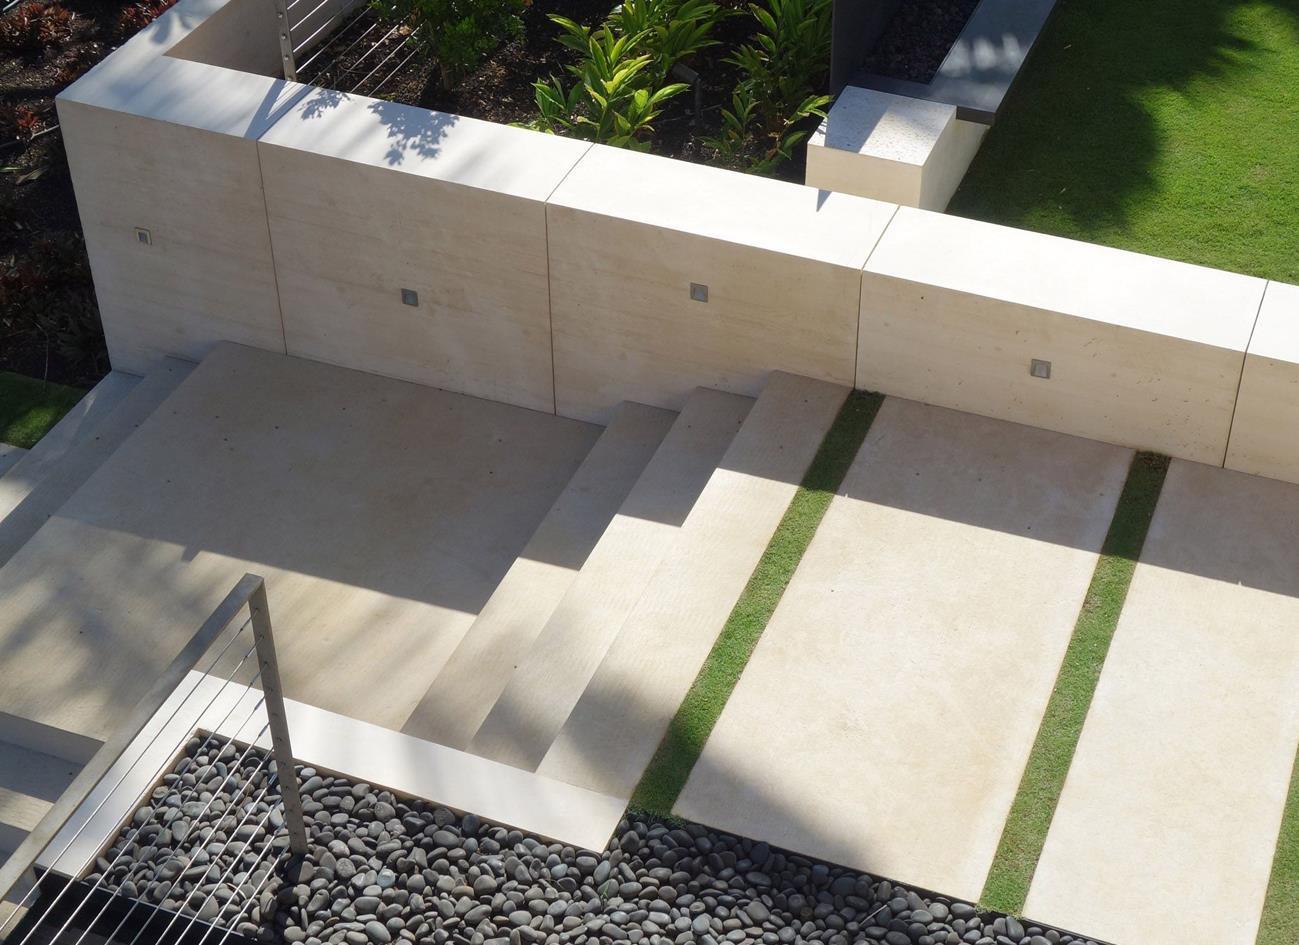 超防滑仿石瓷砖厚板:2cm石英砖瓷砖厚板怎么选购?